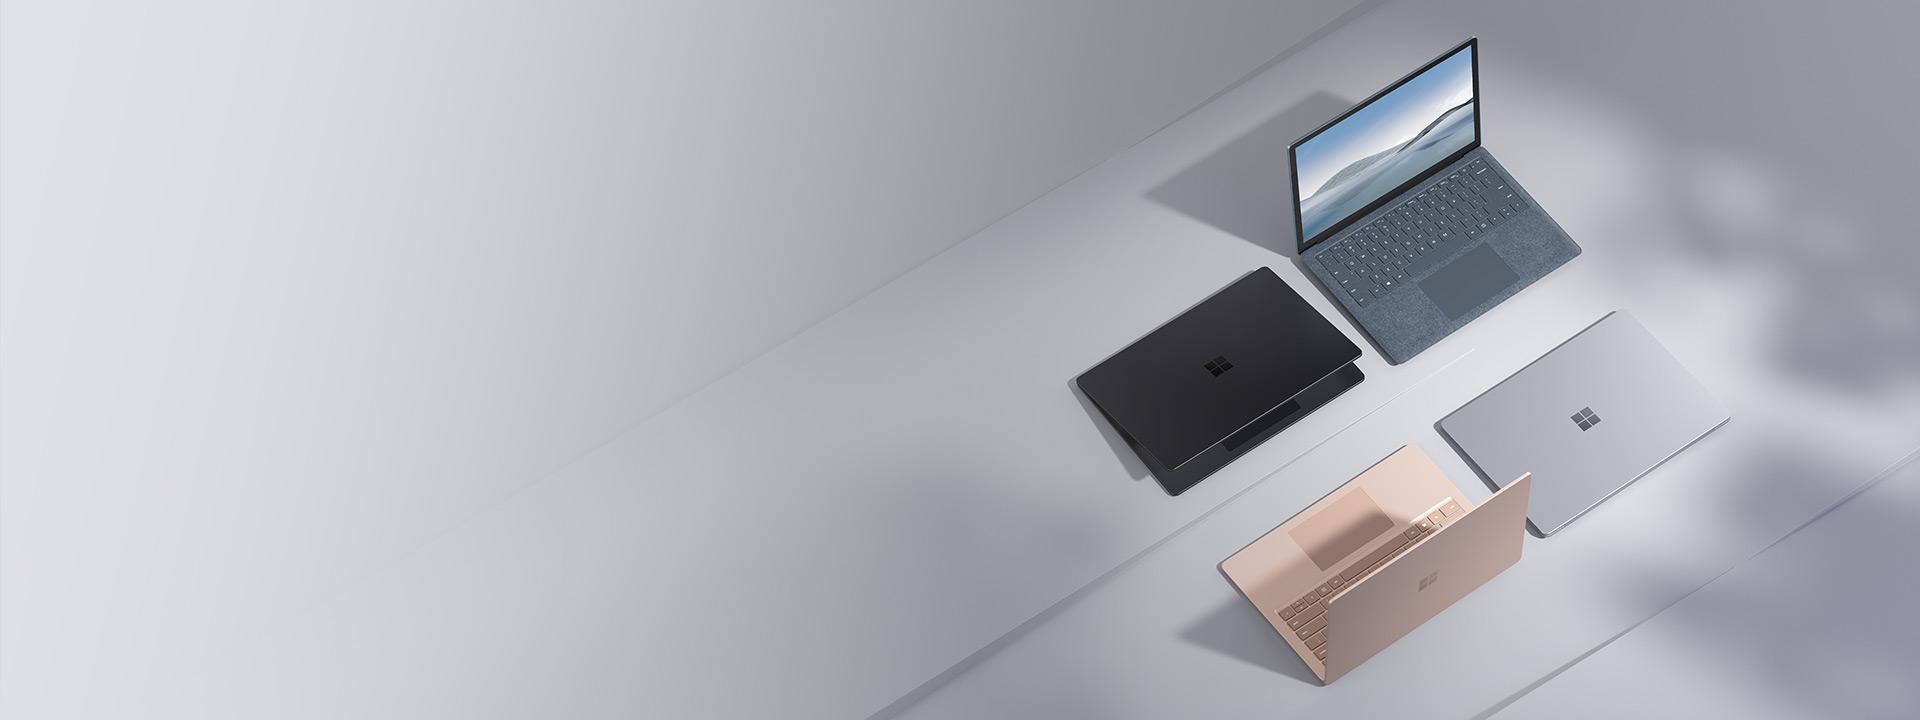 Surface Laptop 4 mit Alcantara in Eisblau, Platin, Sandstein und Mattschwarz; im Uhrzeigersinn von oben.